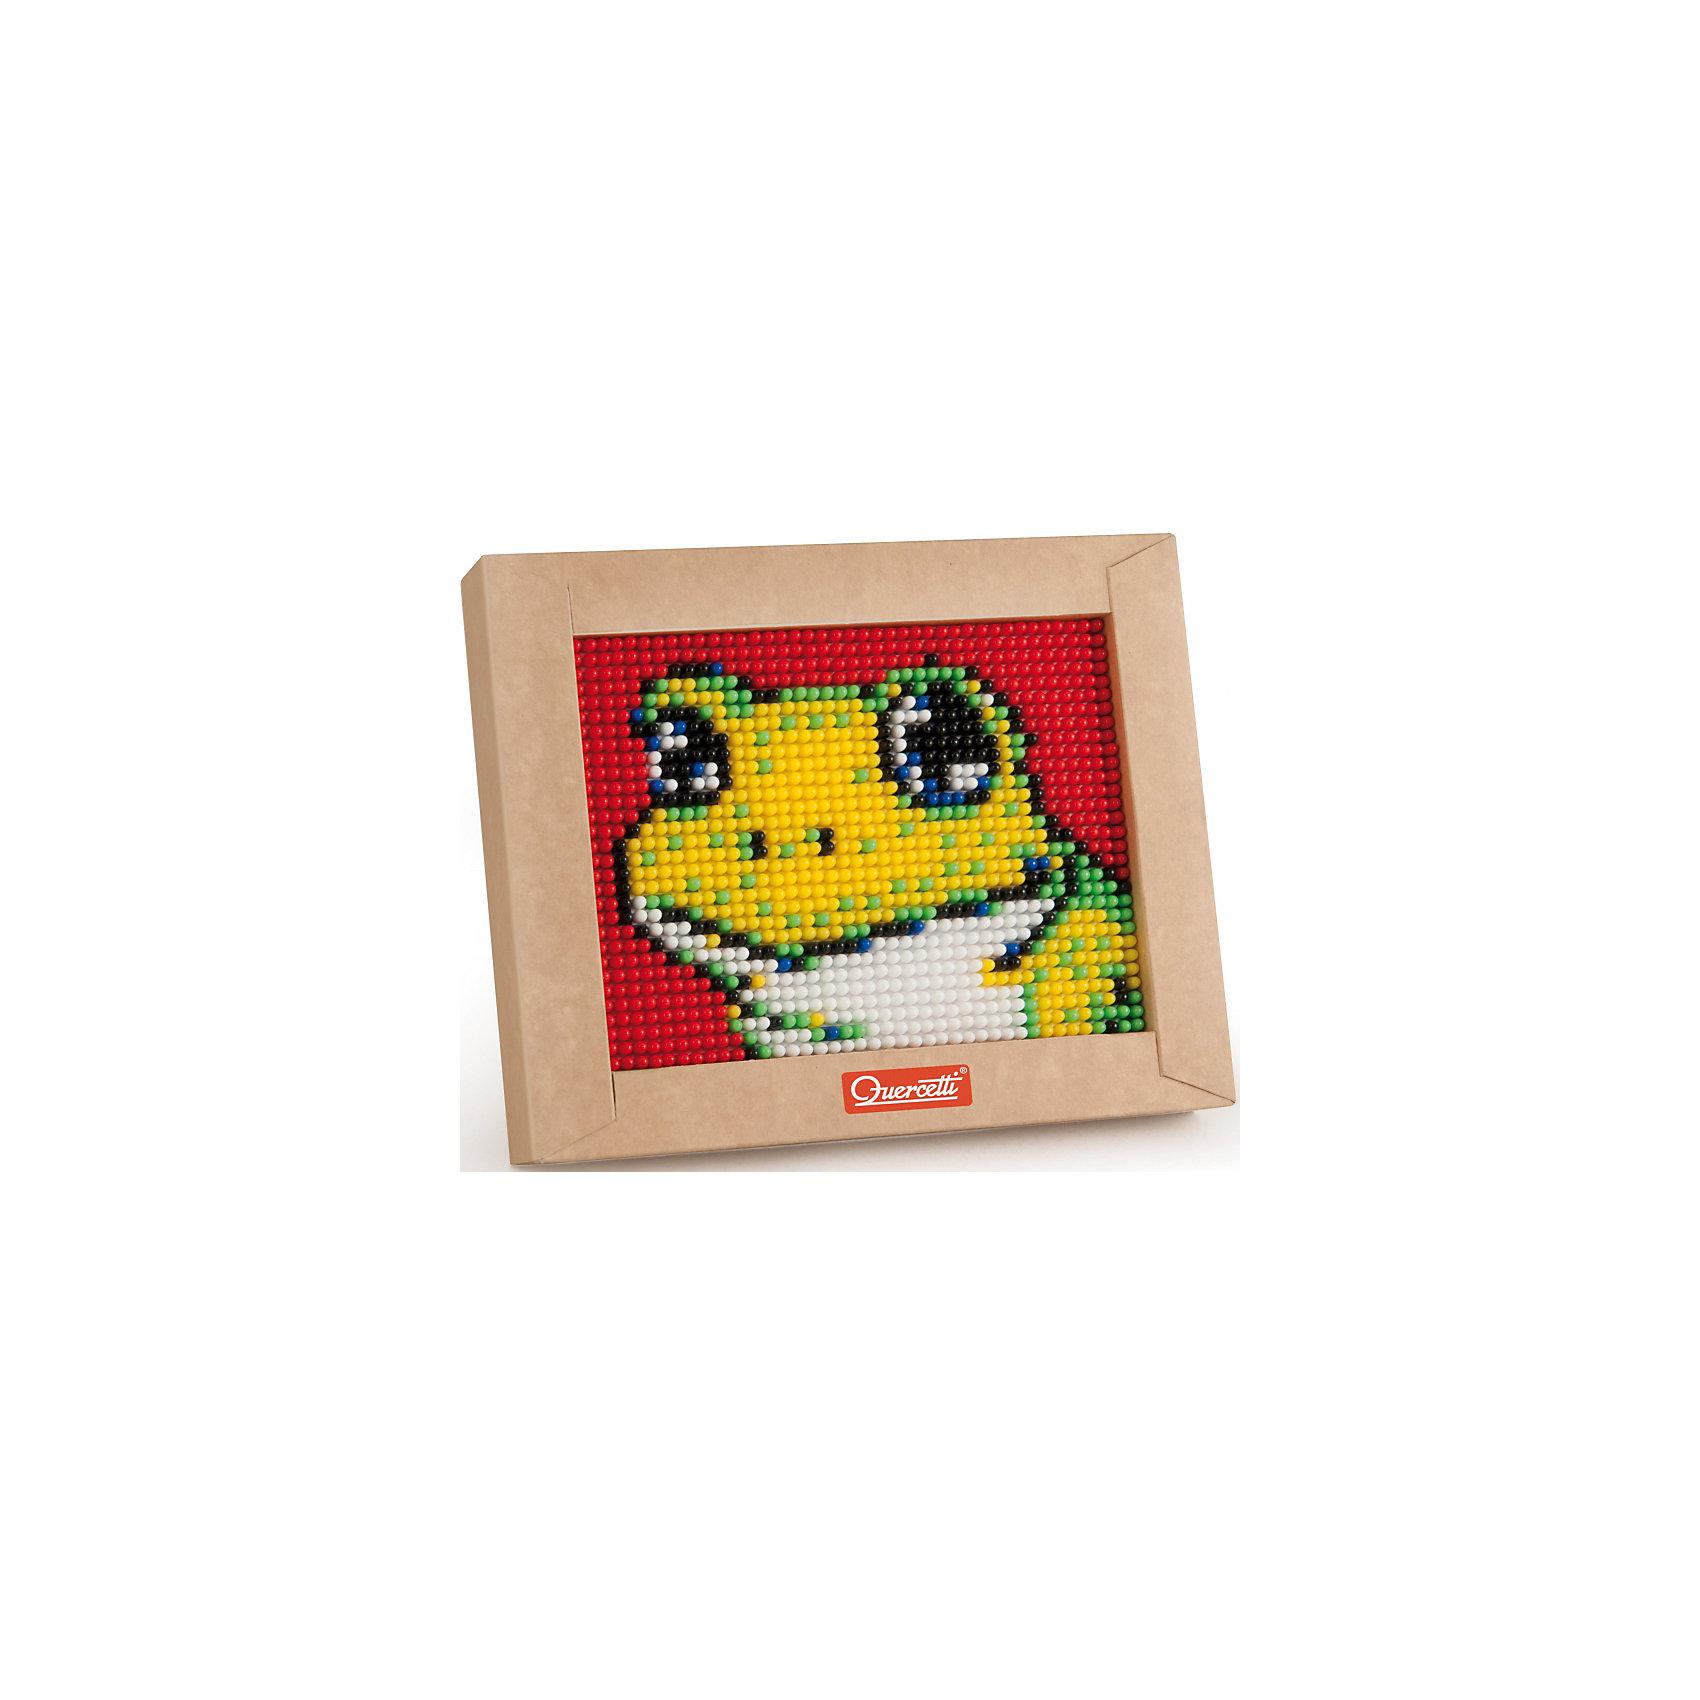 Пиксельная мозаика Лягушонок, 1200 деталей, QuercettiПиксельная мозаика Лягушонок, 1200 деталей, Quercetti (Кверсетти).<br><br>Характеристики:<br><br>- В наборе: 1200 деталей 6-ти цветов, основа (наборная доска), картонная рамка, направляющий лист, плакат, инструкция<br>- Размер основы: 16,5 х 12,5 см.<br>- Размер рамки: 21 х 16,5 х 3,2 см.<br>- Цвета: белый, черный, красный, синий, желтый, зеленый<br>- Материал: безопасный пластик, окрашенный нетоксичными красками<br>- Упаковка: картонная коробка<br>- Размер упаковки: 17 х 22 х 4 см.<br><br>Пиксельная мозаика от Quercetti (Кверсетти) поможет вашему малышу из 1200 деталей создать изображение лягушонка. Нужно просто положить цветную схему на основу и можно начинать собирать мозаику! Рисунок на листе разделен на маленькие квадратики. Ребенку нужно выбрать подходящие по цвету детали-гвоздики и вставить их в отверстия. Кончики элементов легко проходят сквозь бумагу и надежно фиксируются в основе. В итоге они ложатся ровными рядами, а разноцветные шляпки сливаются в единое цветовое полотно, и если смотреть на собранную картинку с расстояния, изображение чудесным образом преобразится, повторяя эффект фотографии. Готовую картинку можно вставить в картонную рамочку и повесить на стену, как настоящую картину. Собирание мозаики развивает у детей цветовосприятие, творческие способности, внимание, усидчивость и мелкую моторику.<br><br>Пиксельную мозаику Лягушонок, 1200 деталей, Quercetti (Кверсетти) можно купить в нашем интернет-магазине.<br><br>Ширина мм: 220<br>Глубина мм: 36<br>Высота мм: 170<br>Вес г: 314<br>Возраст от месяцев: 60<br>Возраст до месяцев: 2147483647<br>Пол: Унисекс<br>Возраст: Детский<br>SKU: 5140050